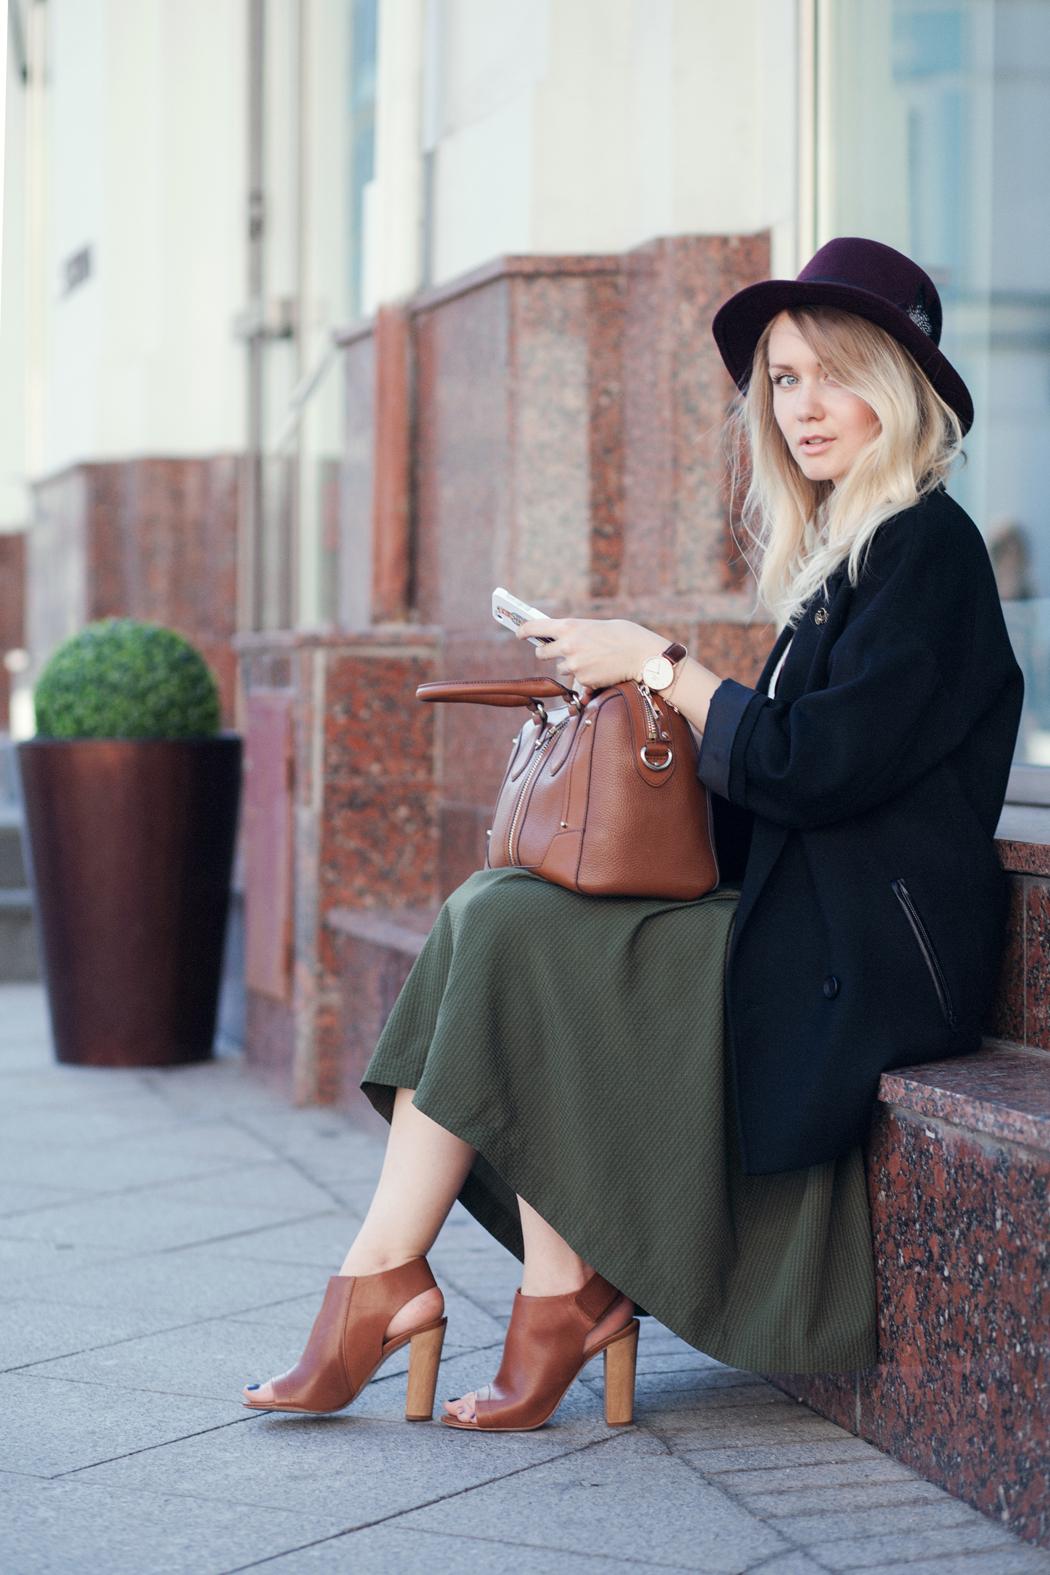 inspiration, streetstyle, spring outfit, moscow fashion week, annamidday, top fashion blogger, top russian fashion blogger, фэшн блогер, русский блогер, известный блогер, топовый блогер, russian bloger, top russian blogger, streetfashion, russian fashion blogger, blogger, fashion, style, fashionista, модный блогер, российский блогер, ТОП блогер, ootd, lookoftheday, look, популярный блогер, российский модный блогер, russian girl, модные весенние аксессуары, тренды весна-лето 2015, что будет модно этим летом, модные образы, calvin klein, my calvins, мужская рубашка на девушке, рубашка и шорты, с чем носить шляпу